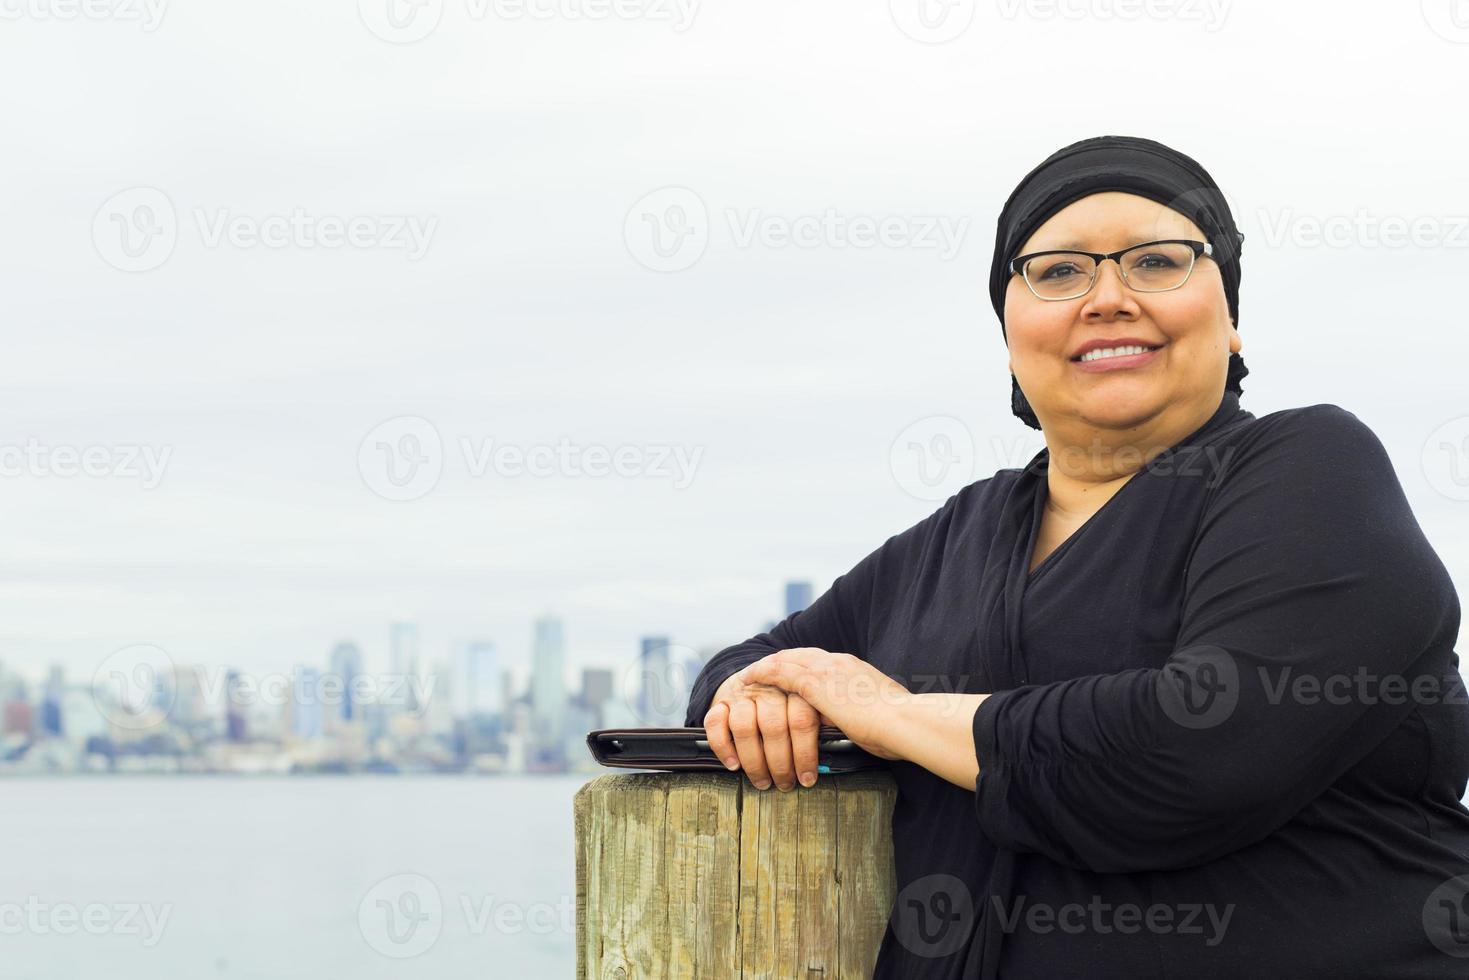 vrouw geniet van levensstijl na de operatie foto